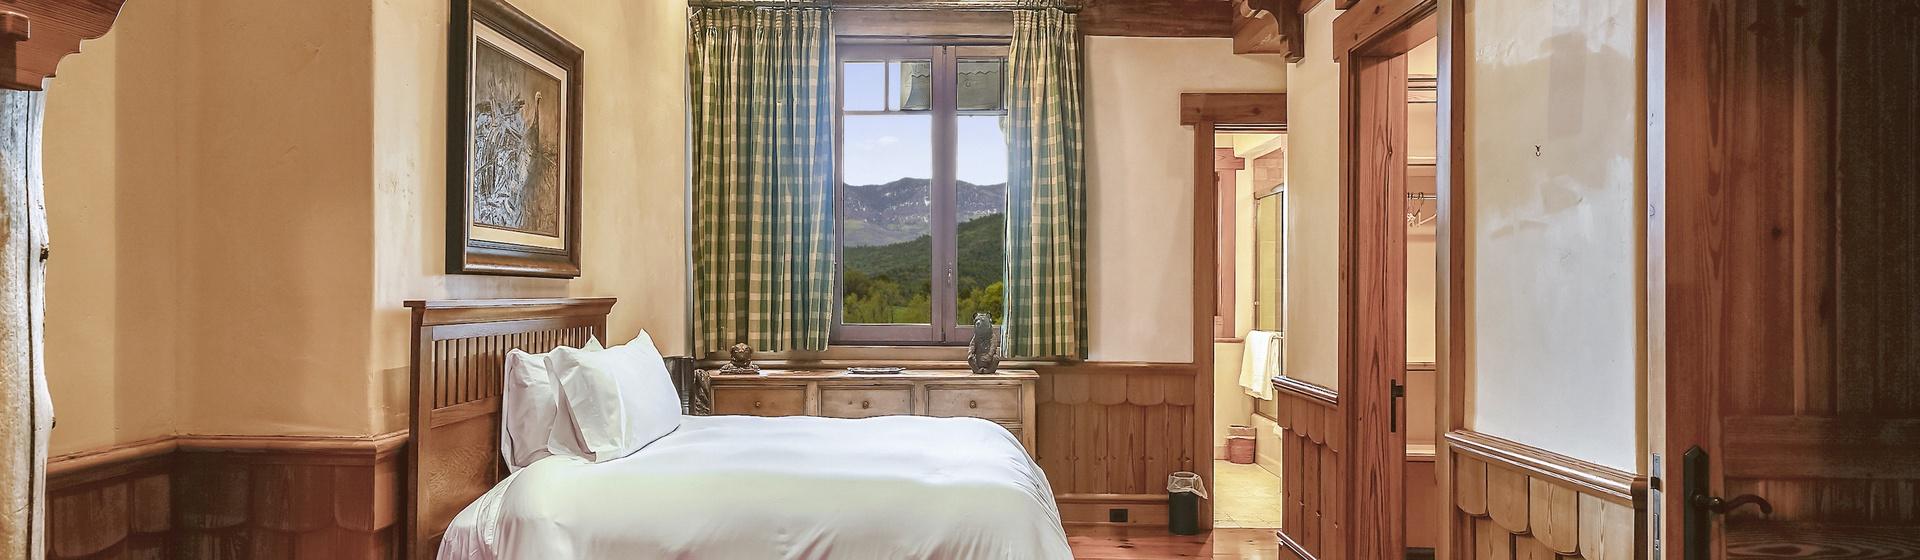 9.7-Telluride-Sleeping-Indian-Ranch-Swiss-Suite-Bunk-Bedroom-H-2-web.JPG